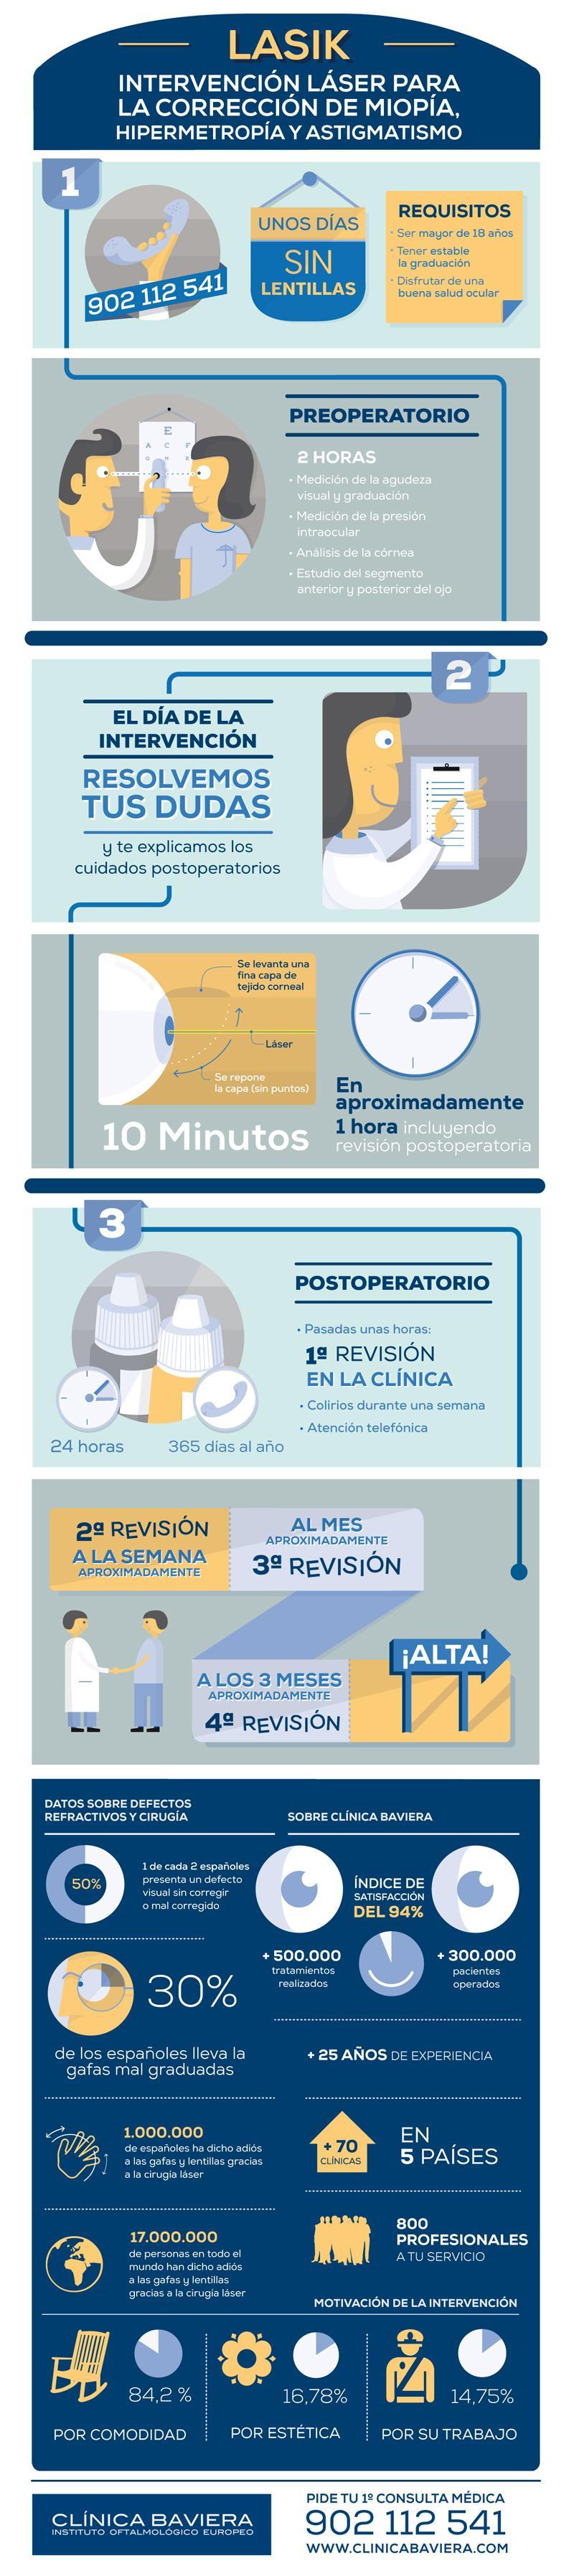 Infografía sobre operación con la técnica Lasik